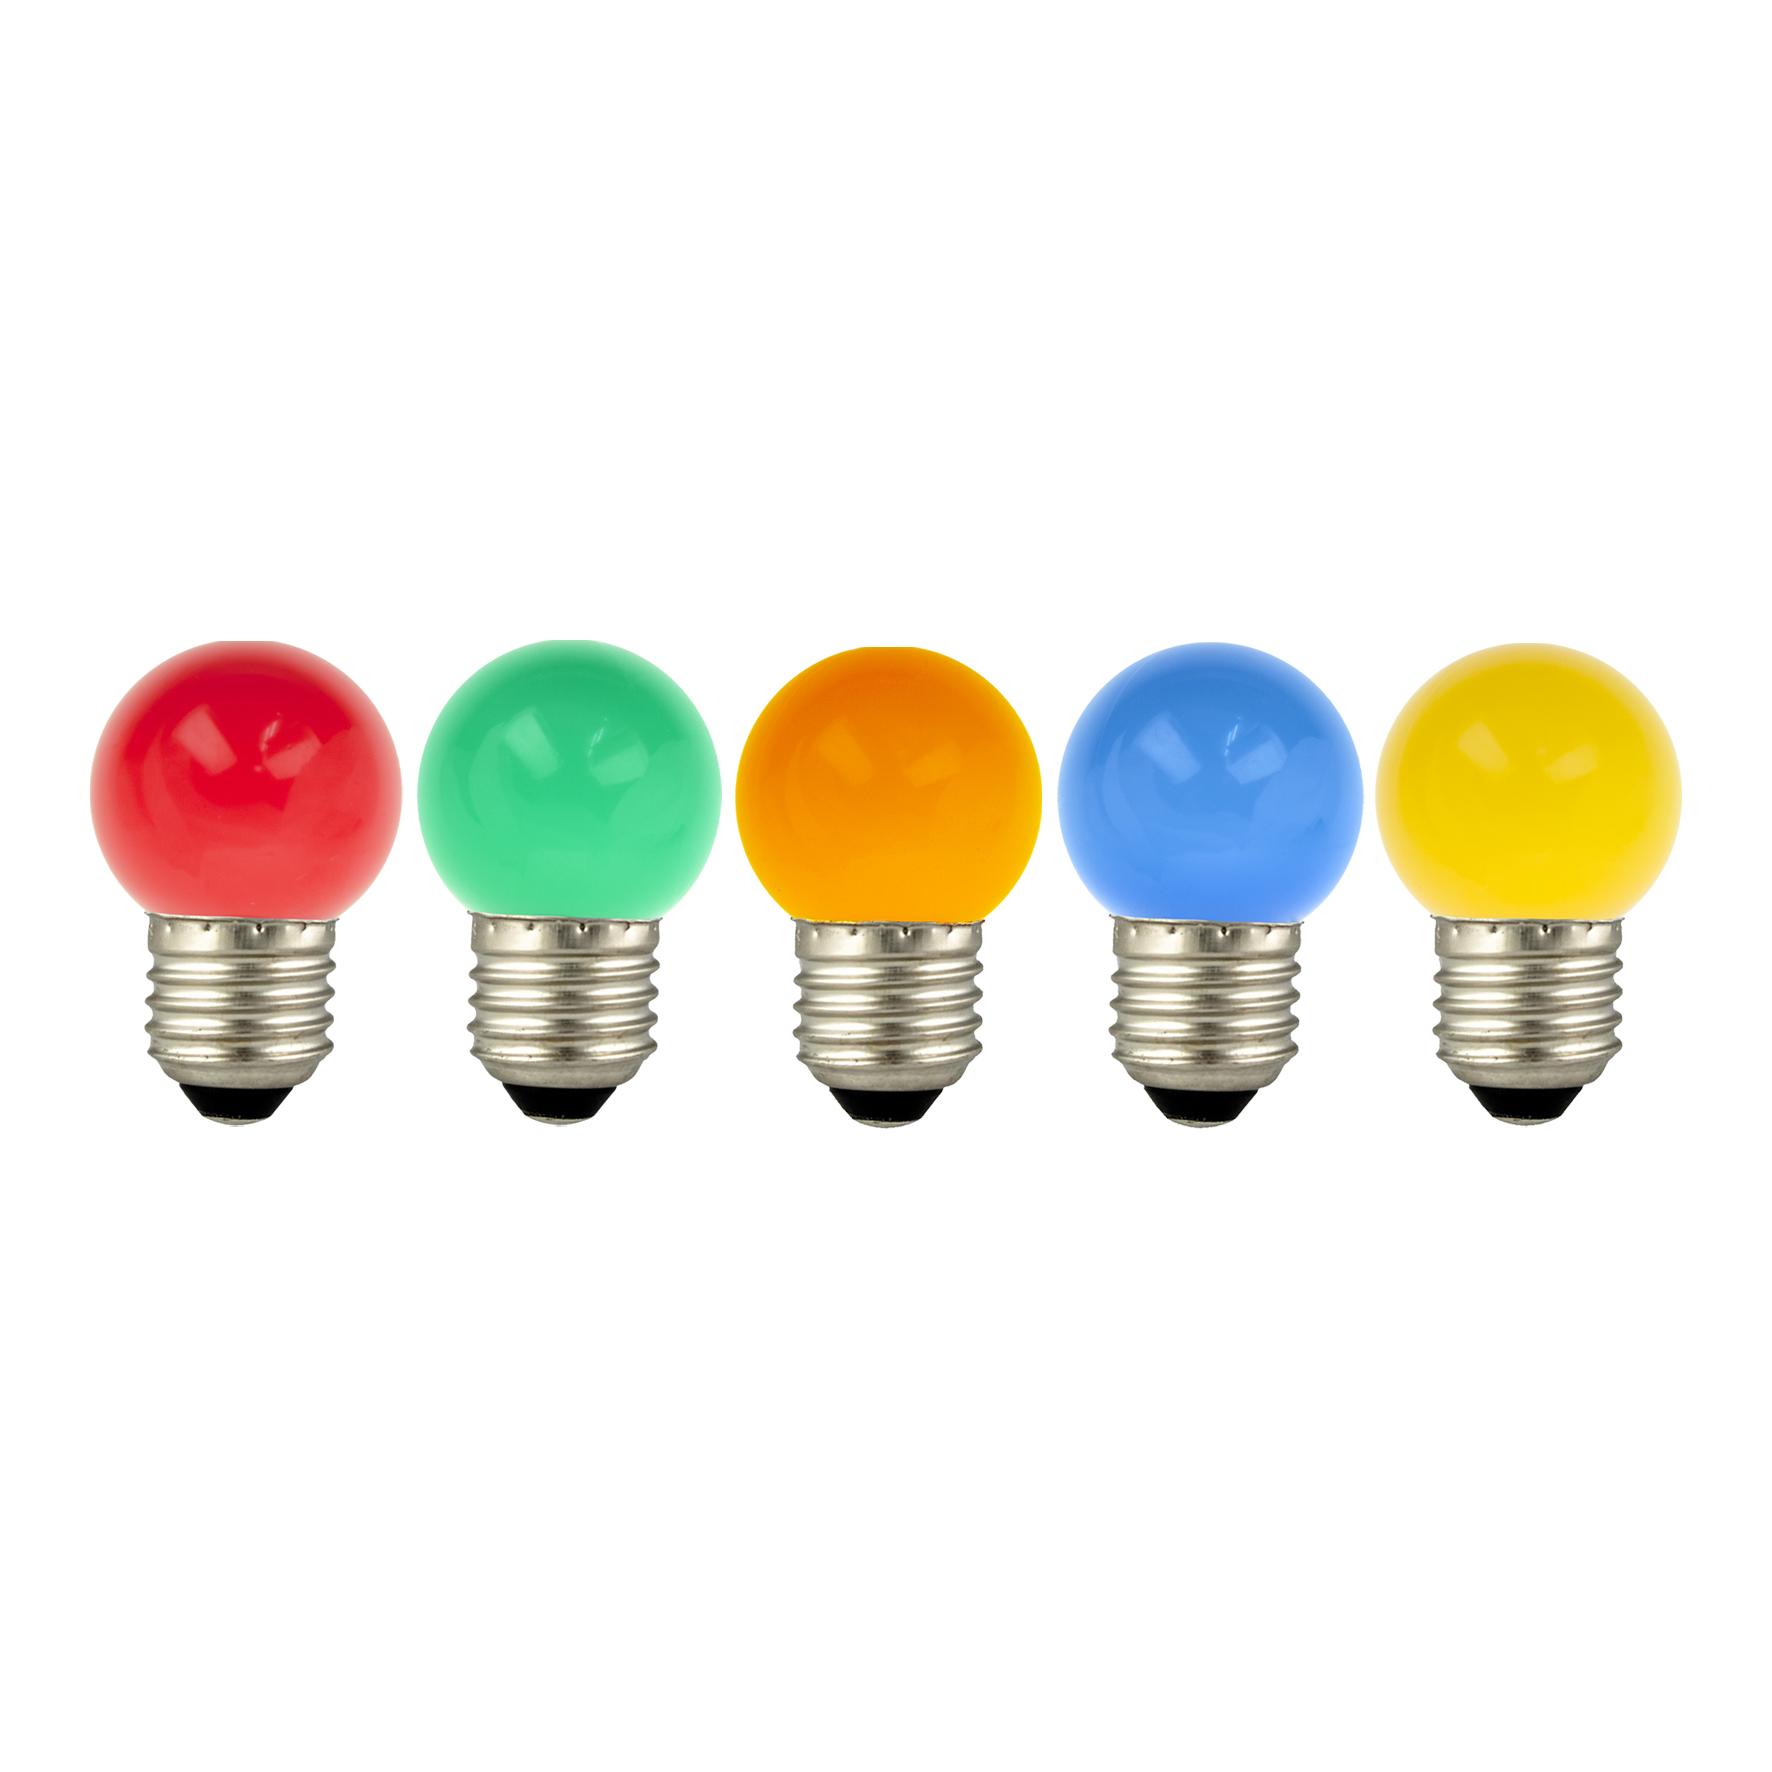 LED Ball E27 G45 220-240V 1W oranss